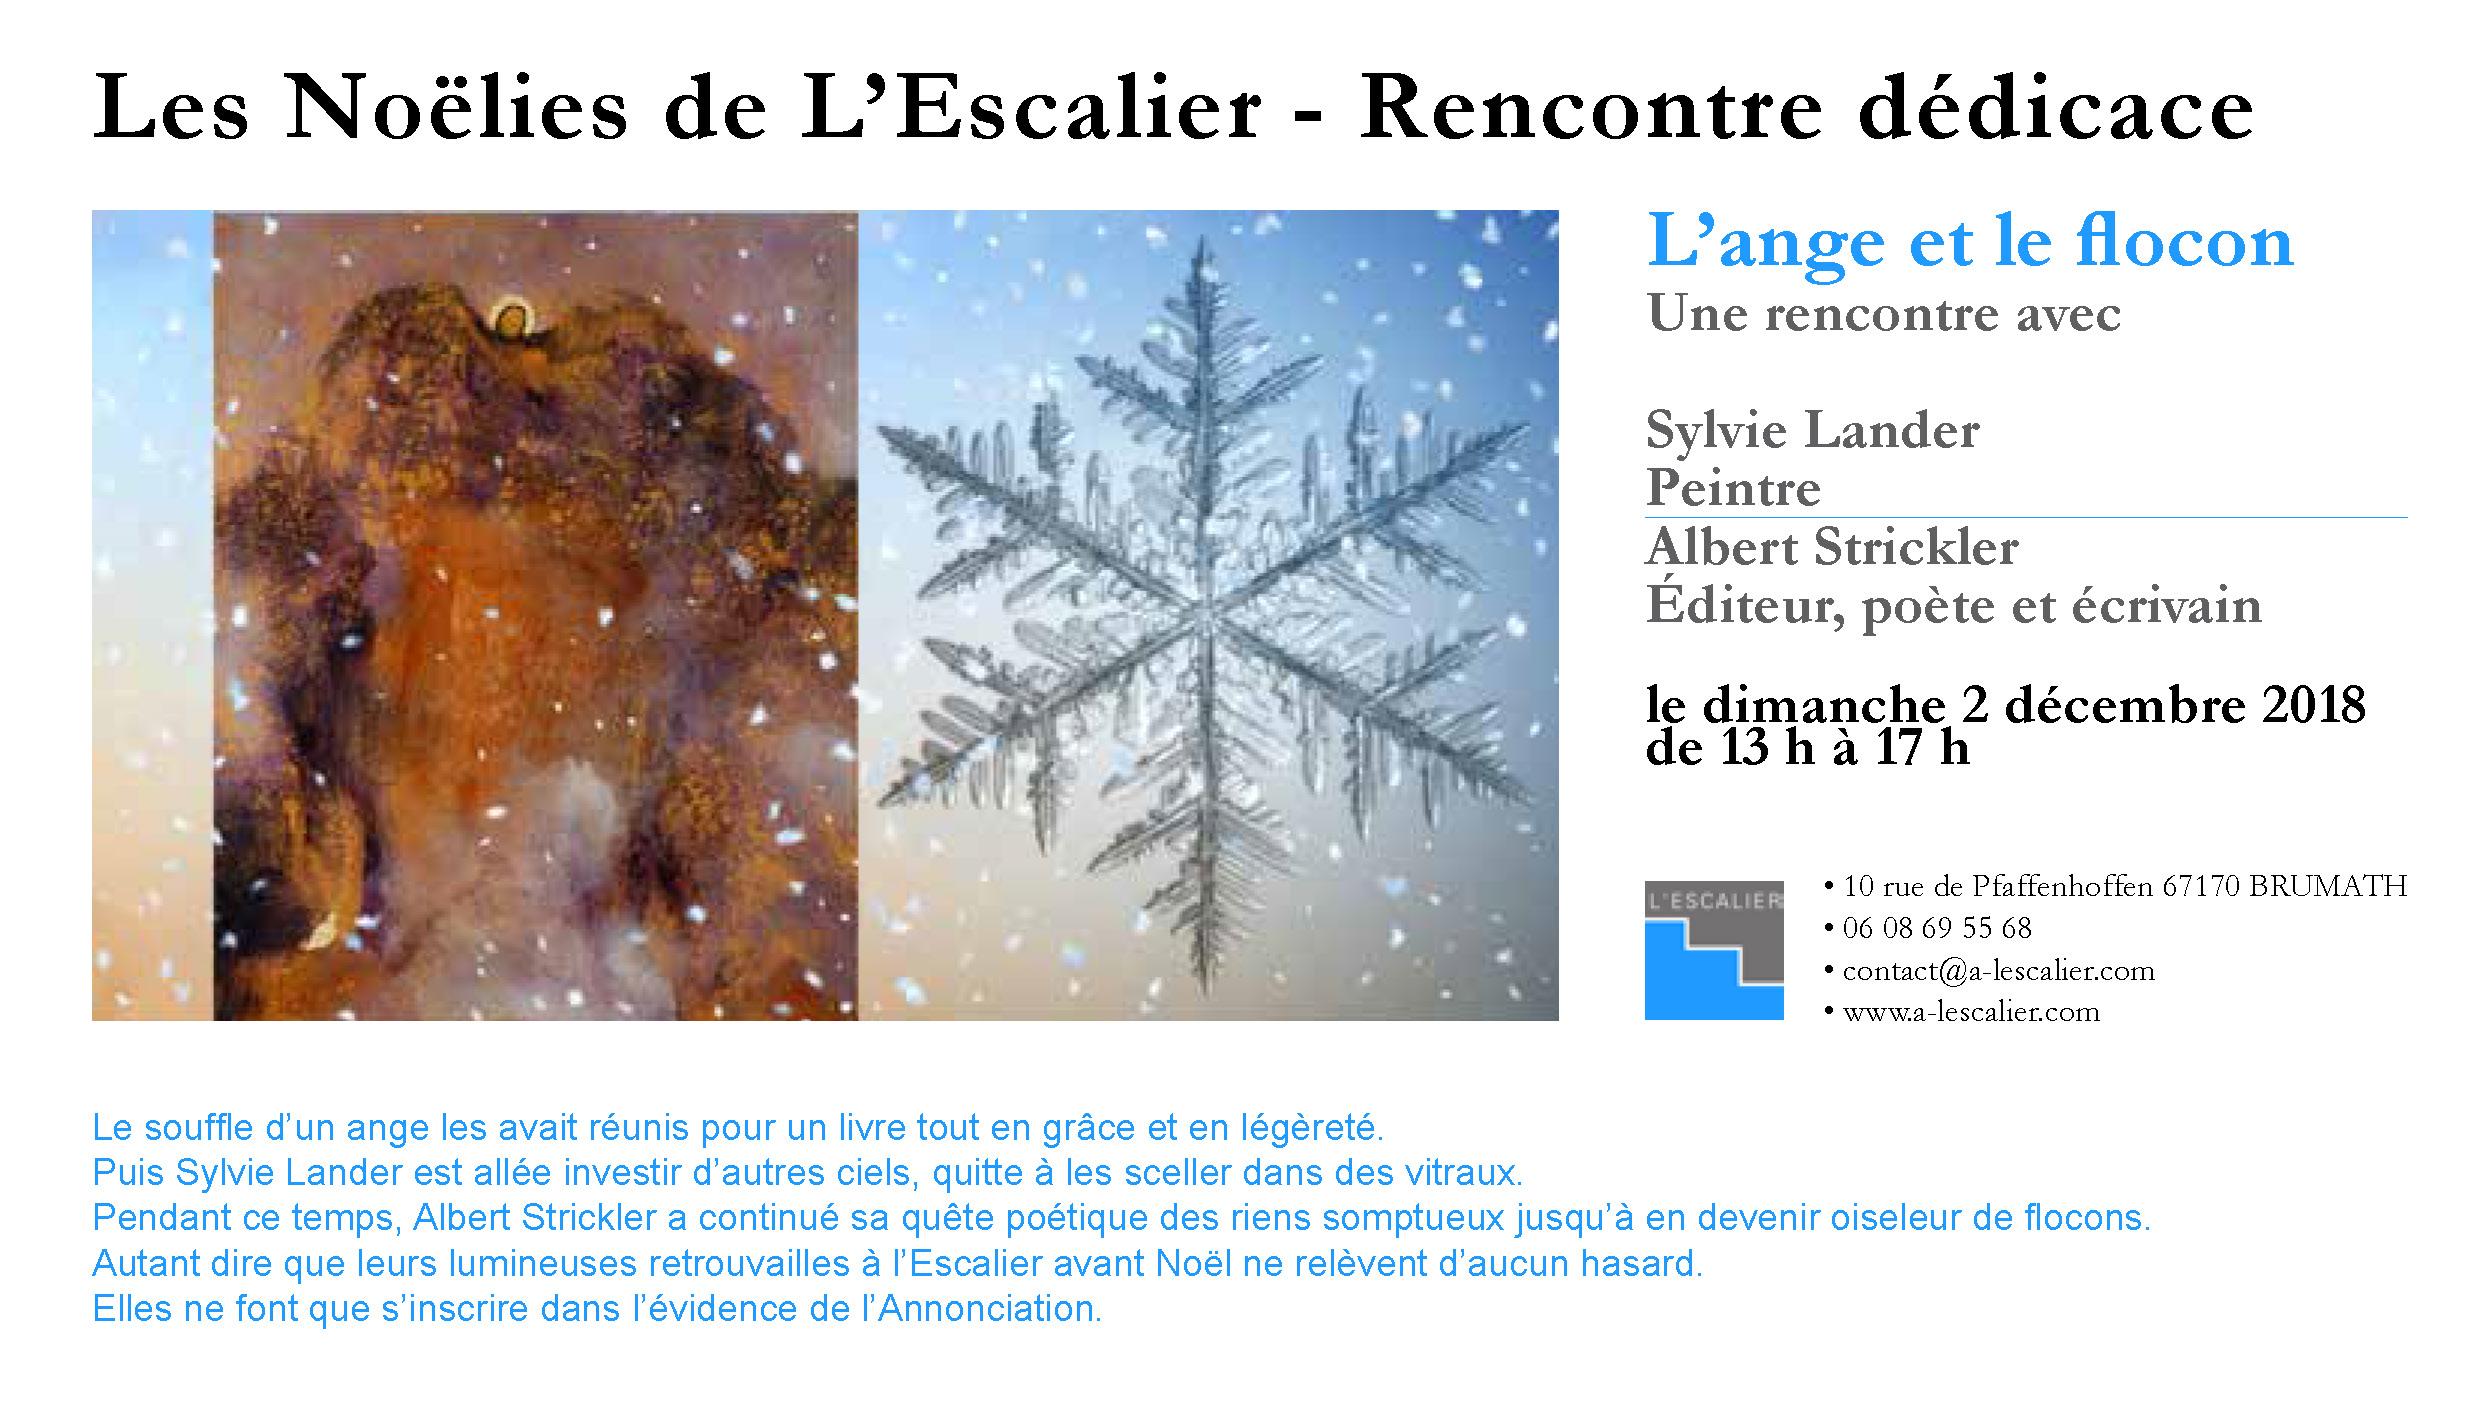 Les Noëlies de L'Escalier - Rencontre dédicace Sylvie Lander et Albert Strickler